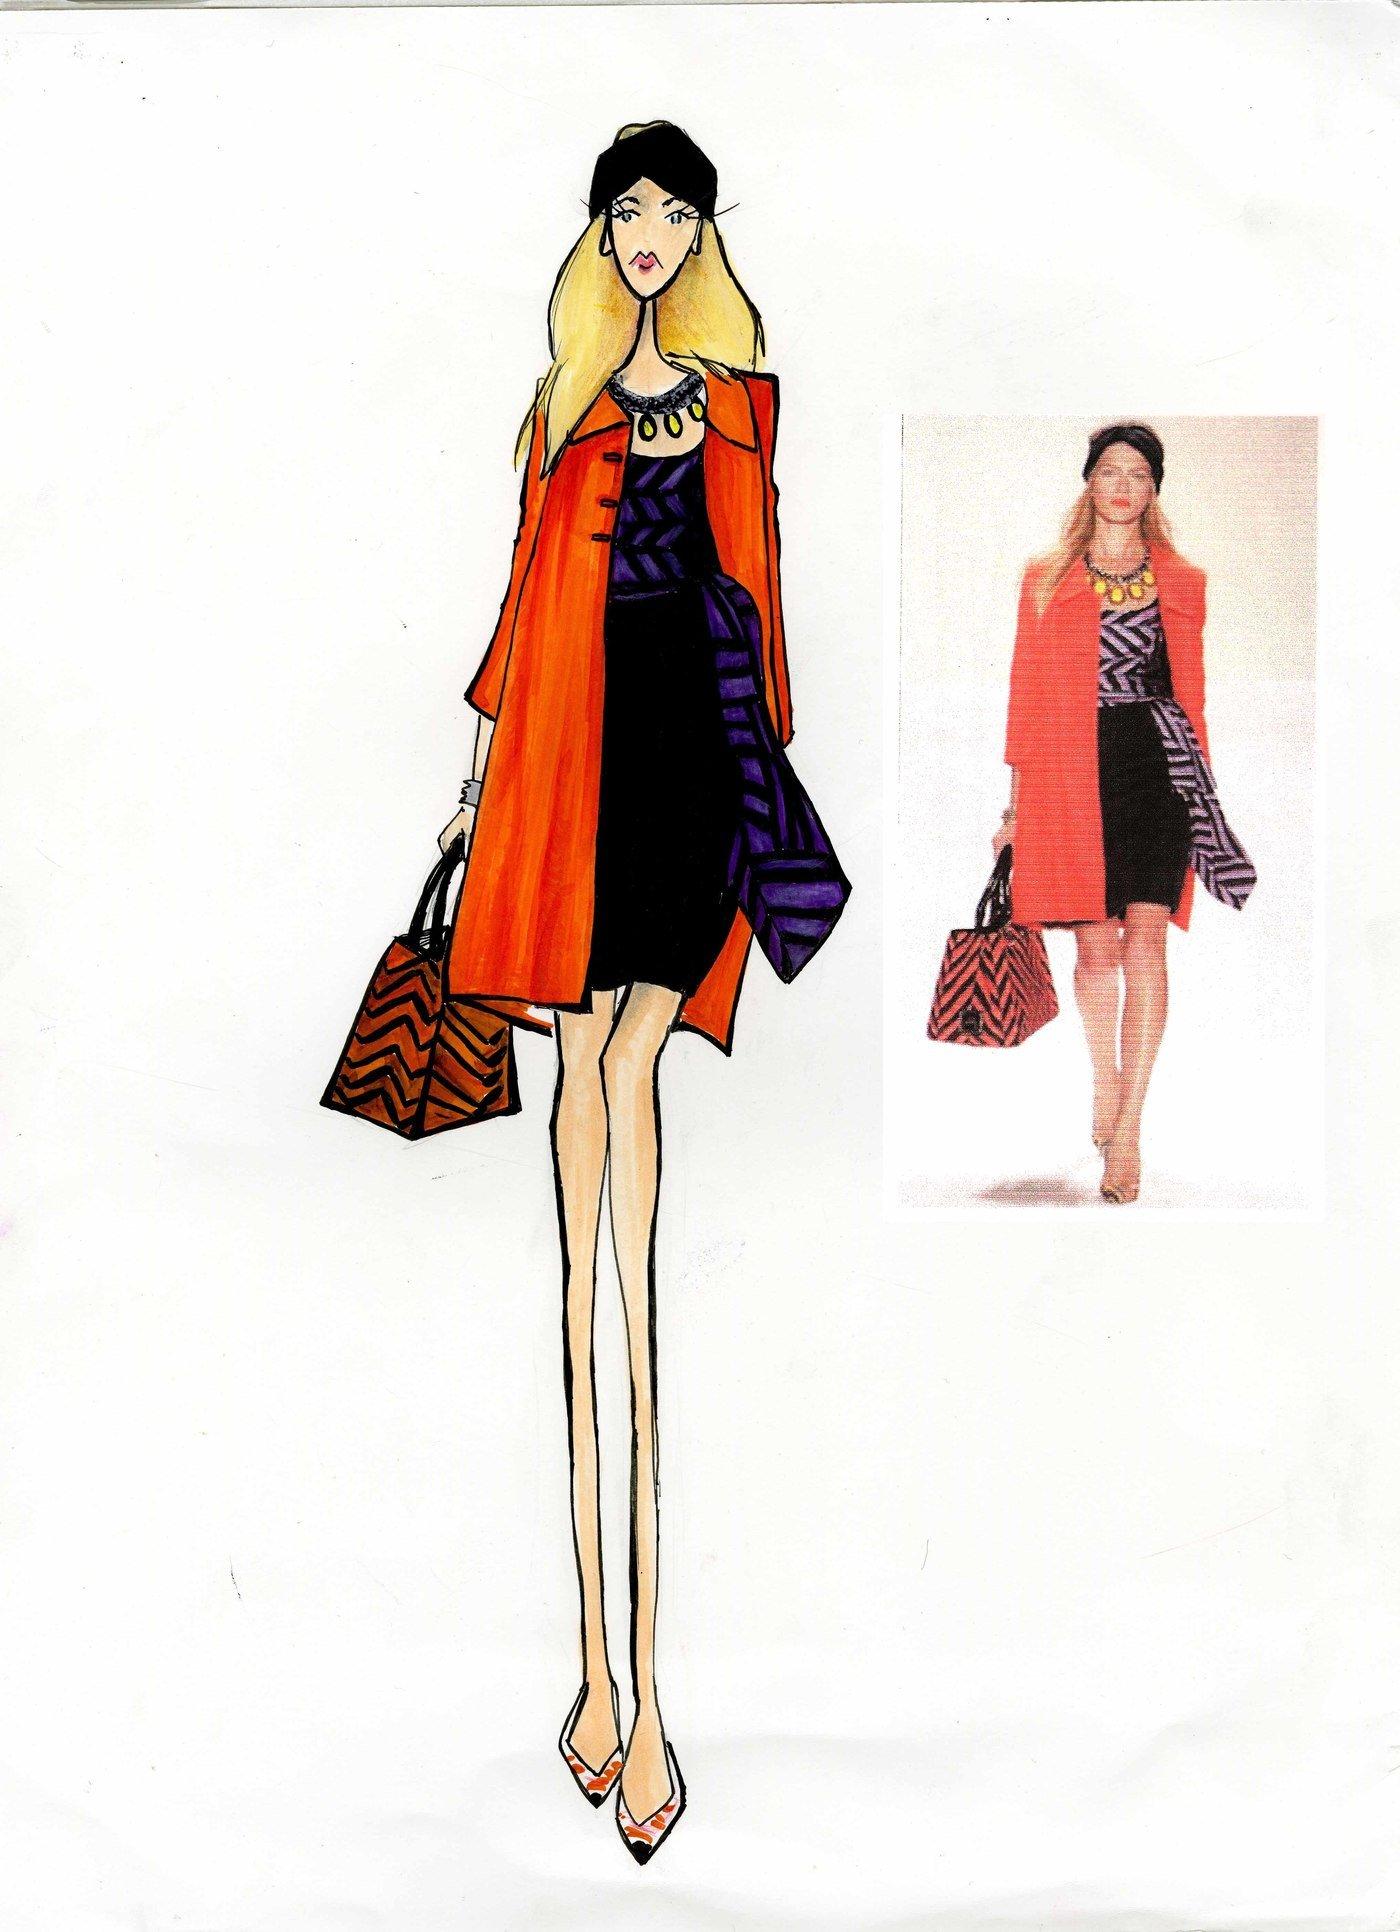 Design Portfolio By Dina Pham At Coroflot Com